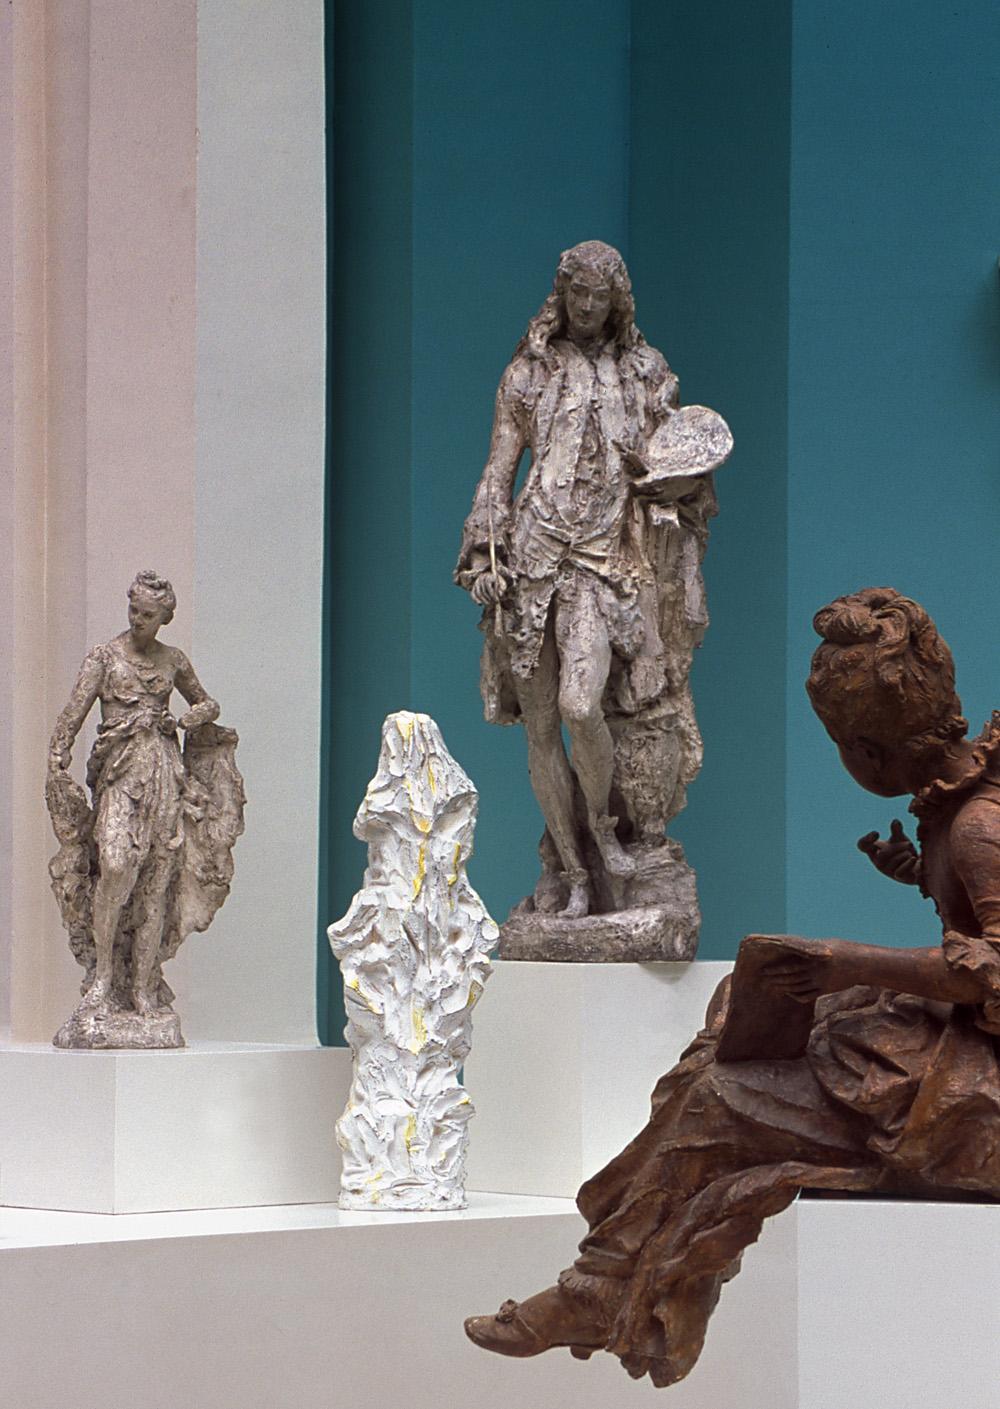 Kirili & Carpeaux, the Musee des Beaux-Arts, Valenciennes, 2002